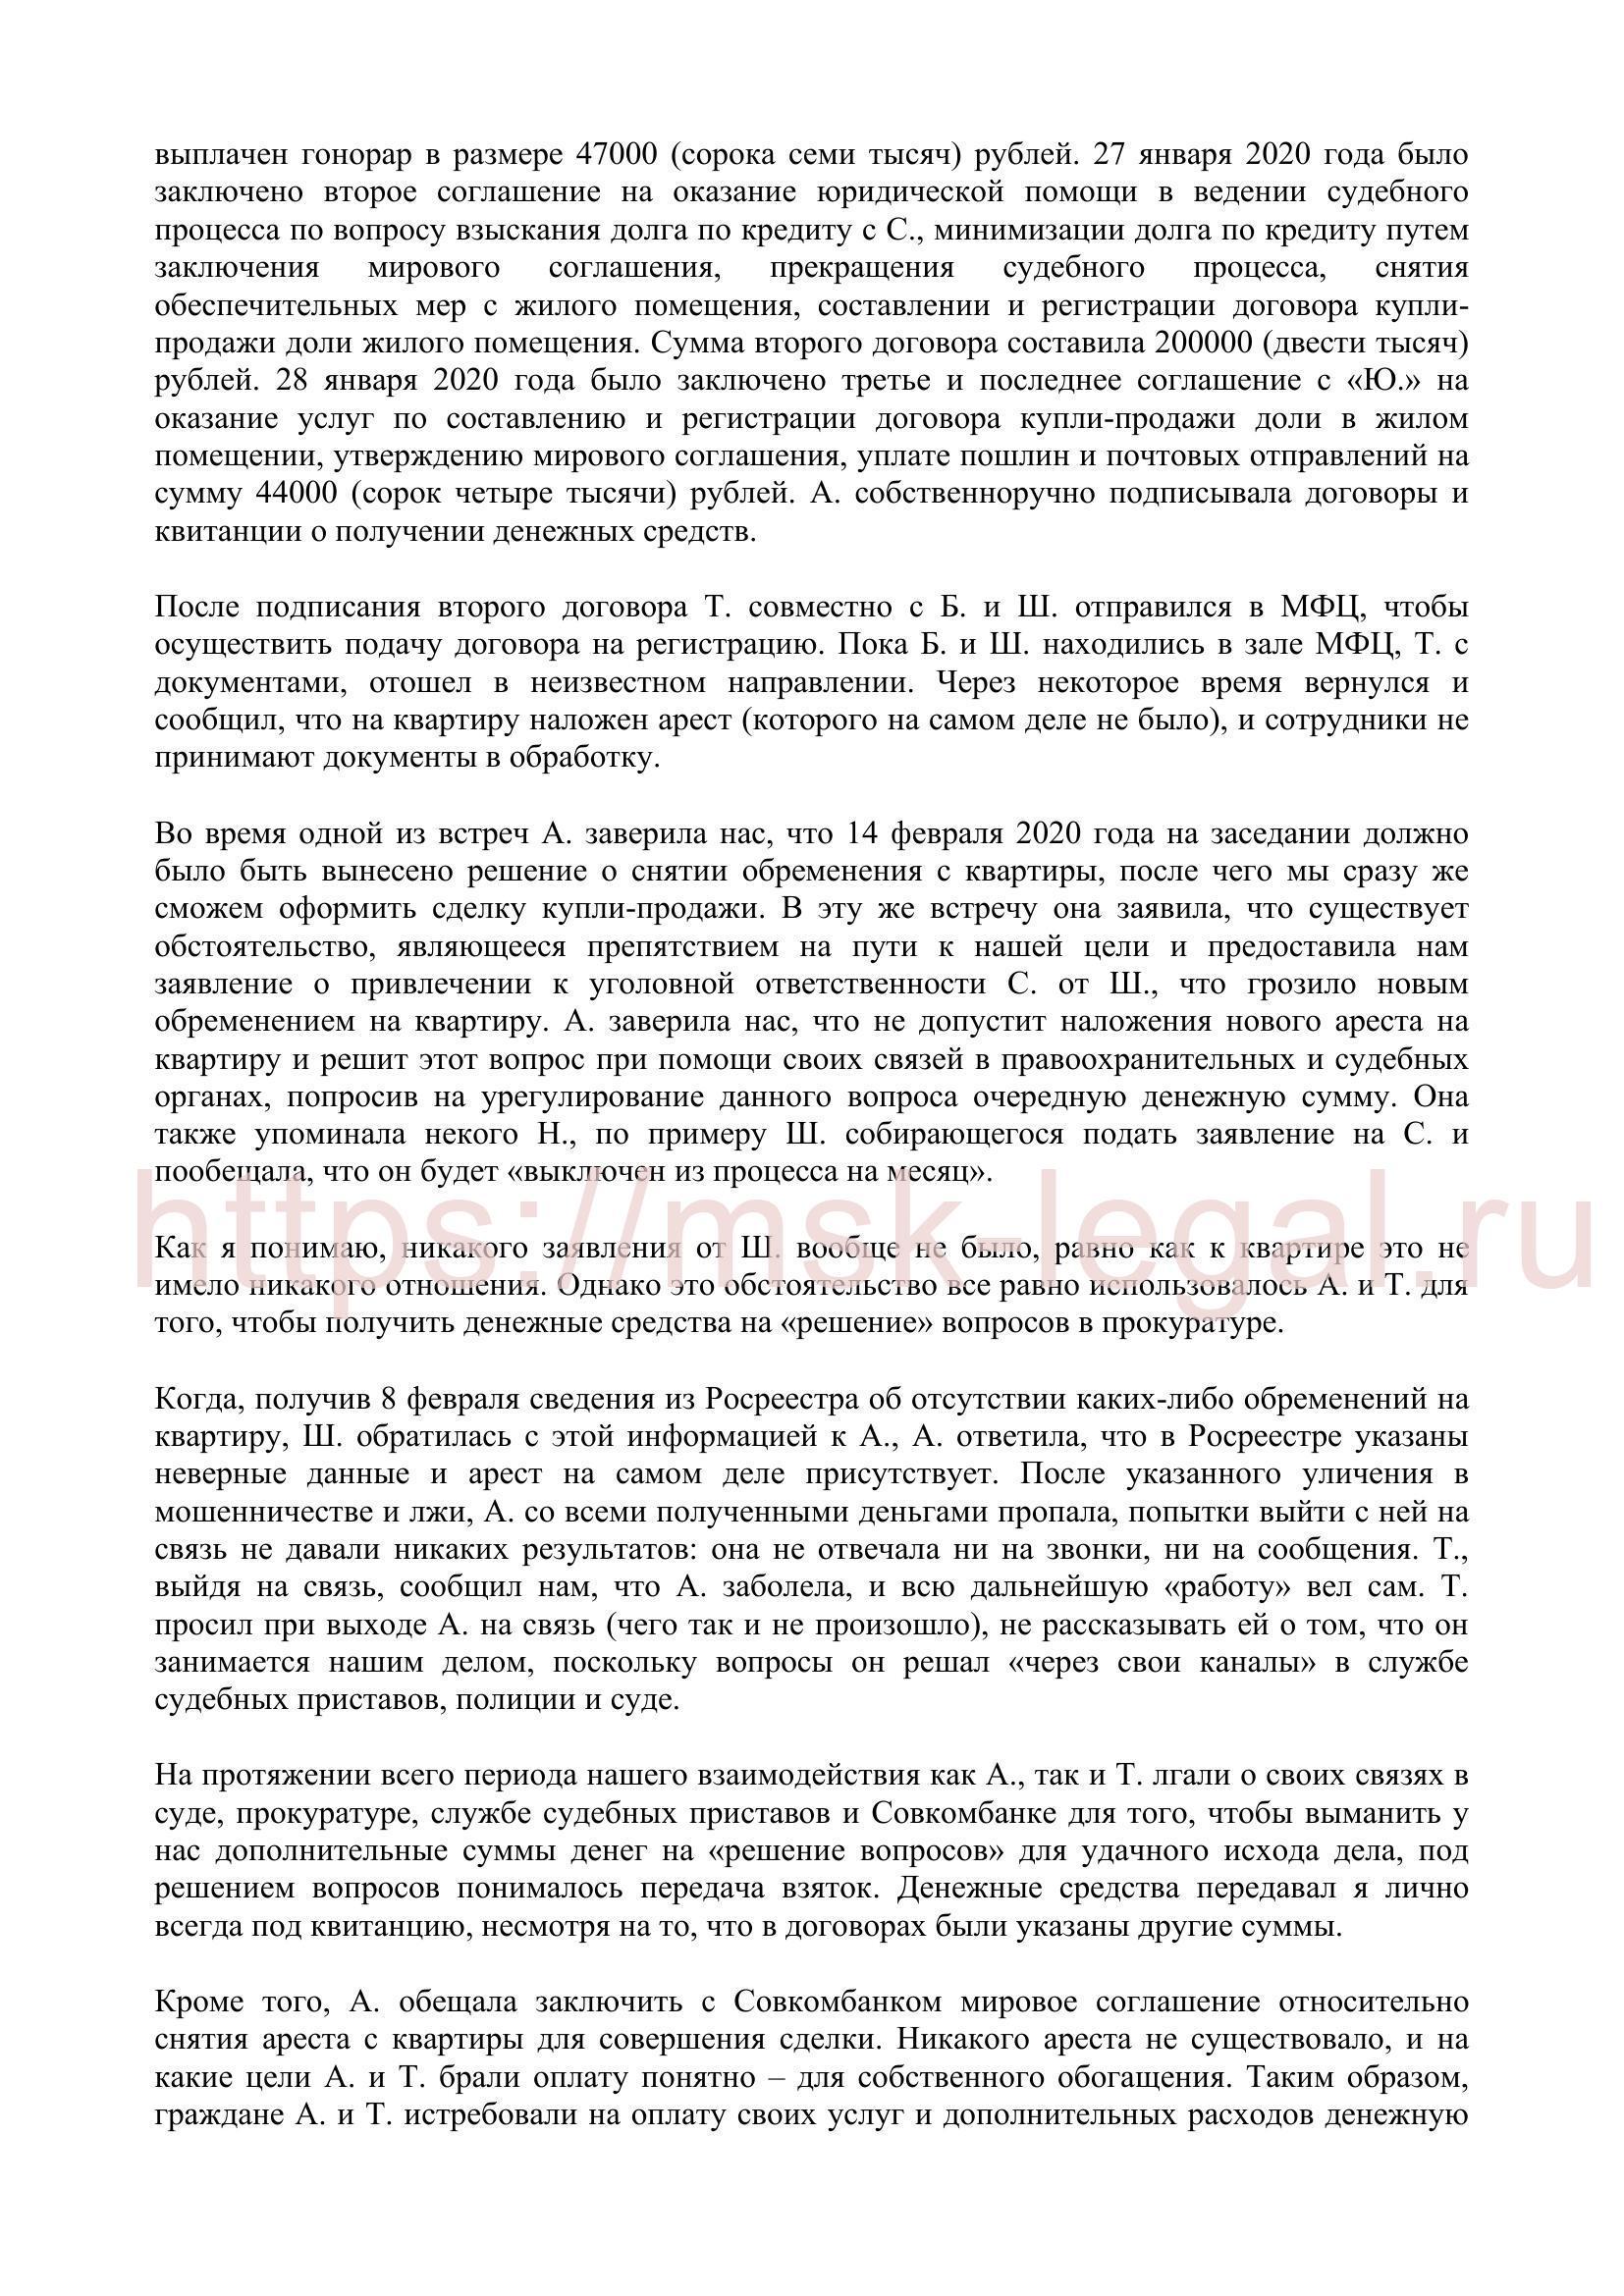 Заявление о возбуждении уголовного дела по мошенничеству